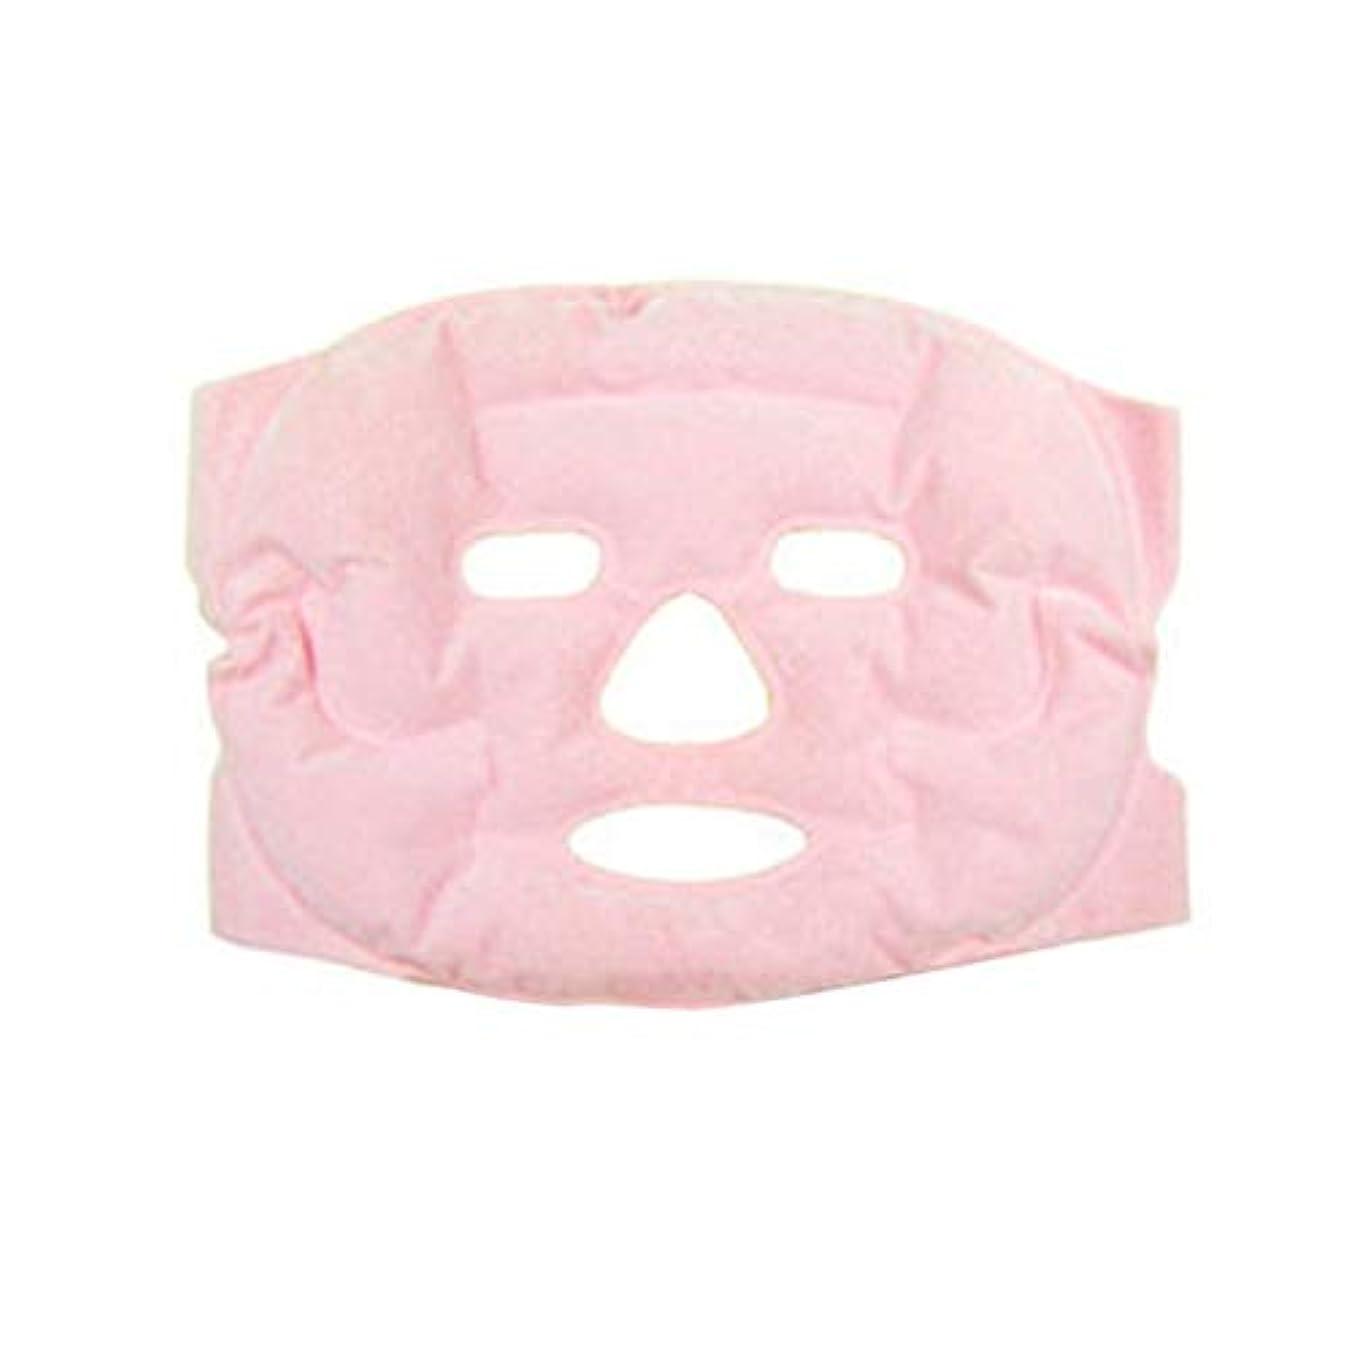 熟達メディアゆるくDeeploveUU 快適な美容フェイスリフトマスクトルマリン磁気療法マッサージアンチリンクルモイスチャライジングヘルスケアフェイスマスク